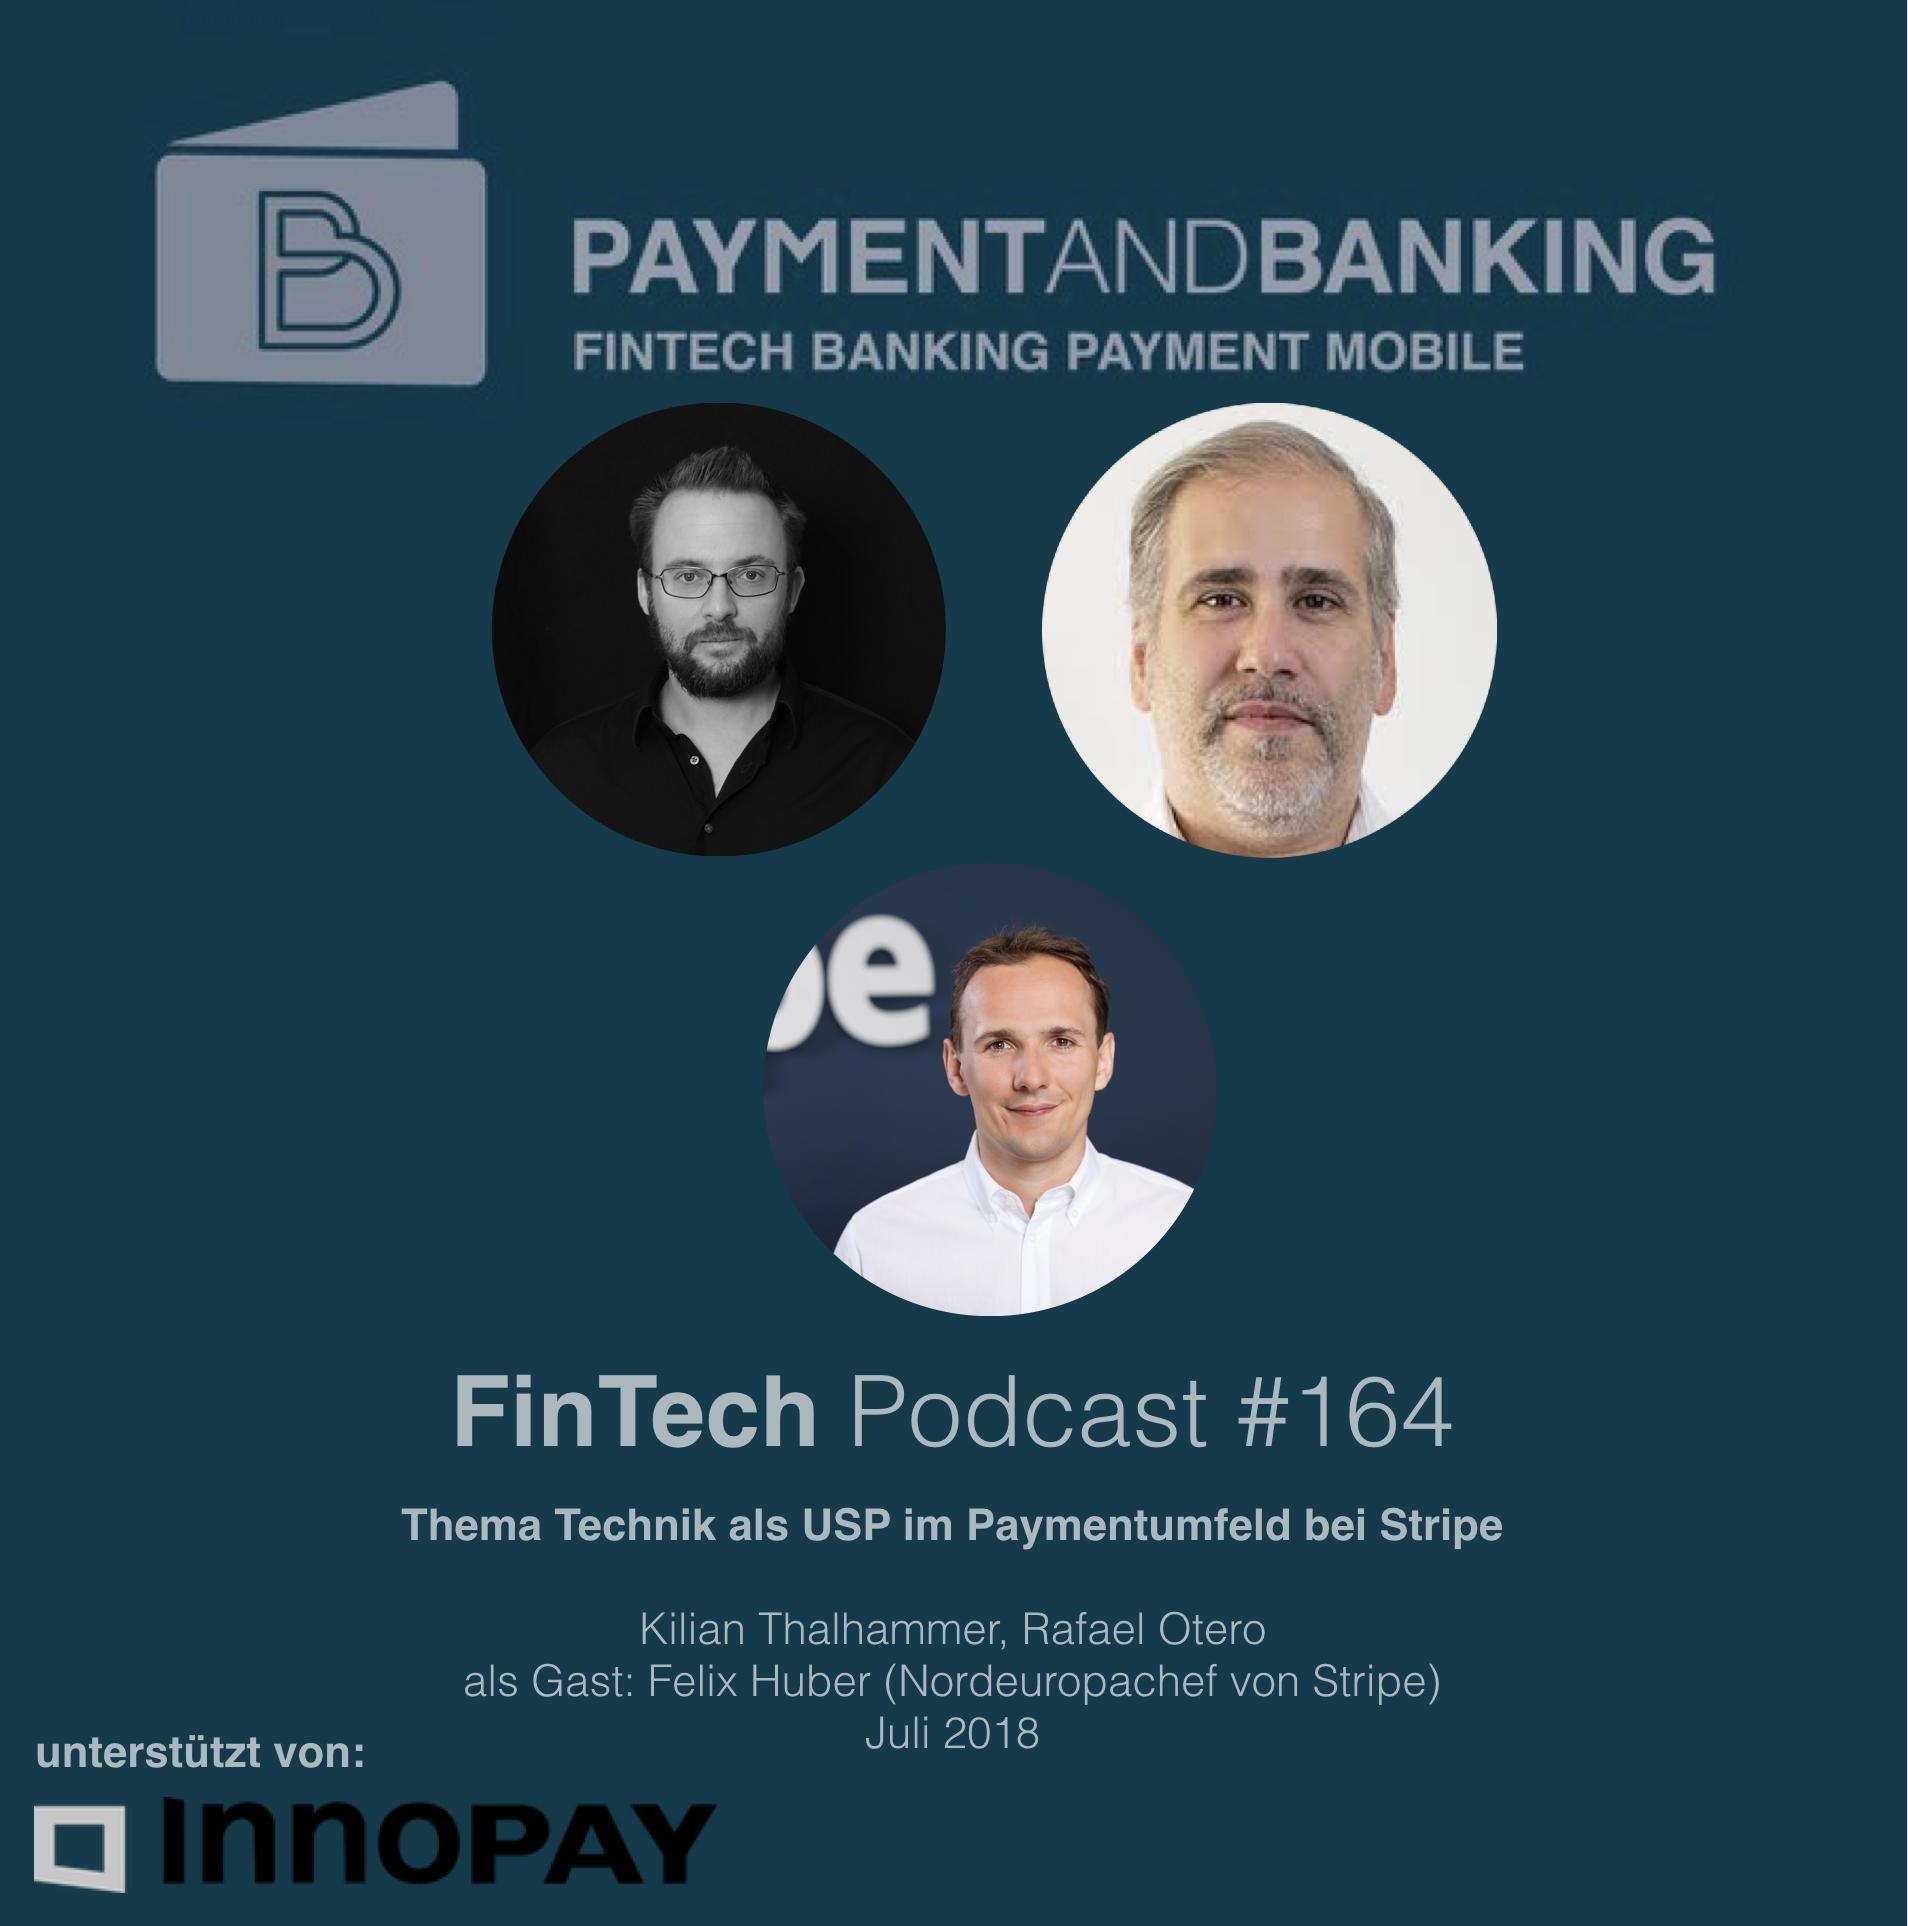 FinTech Podcast #164 - Technik als USP im Paymentumfeld bei Stripe